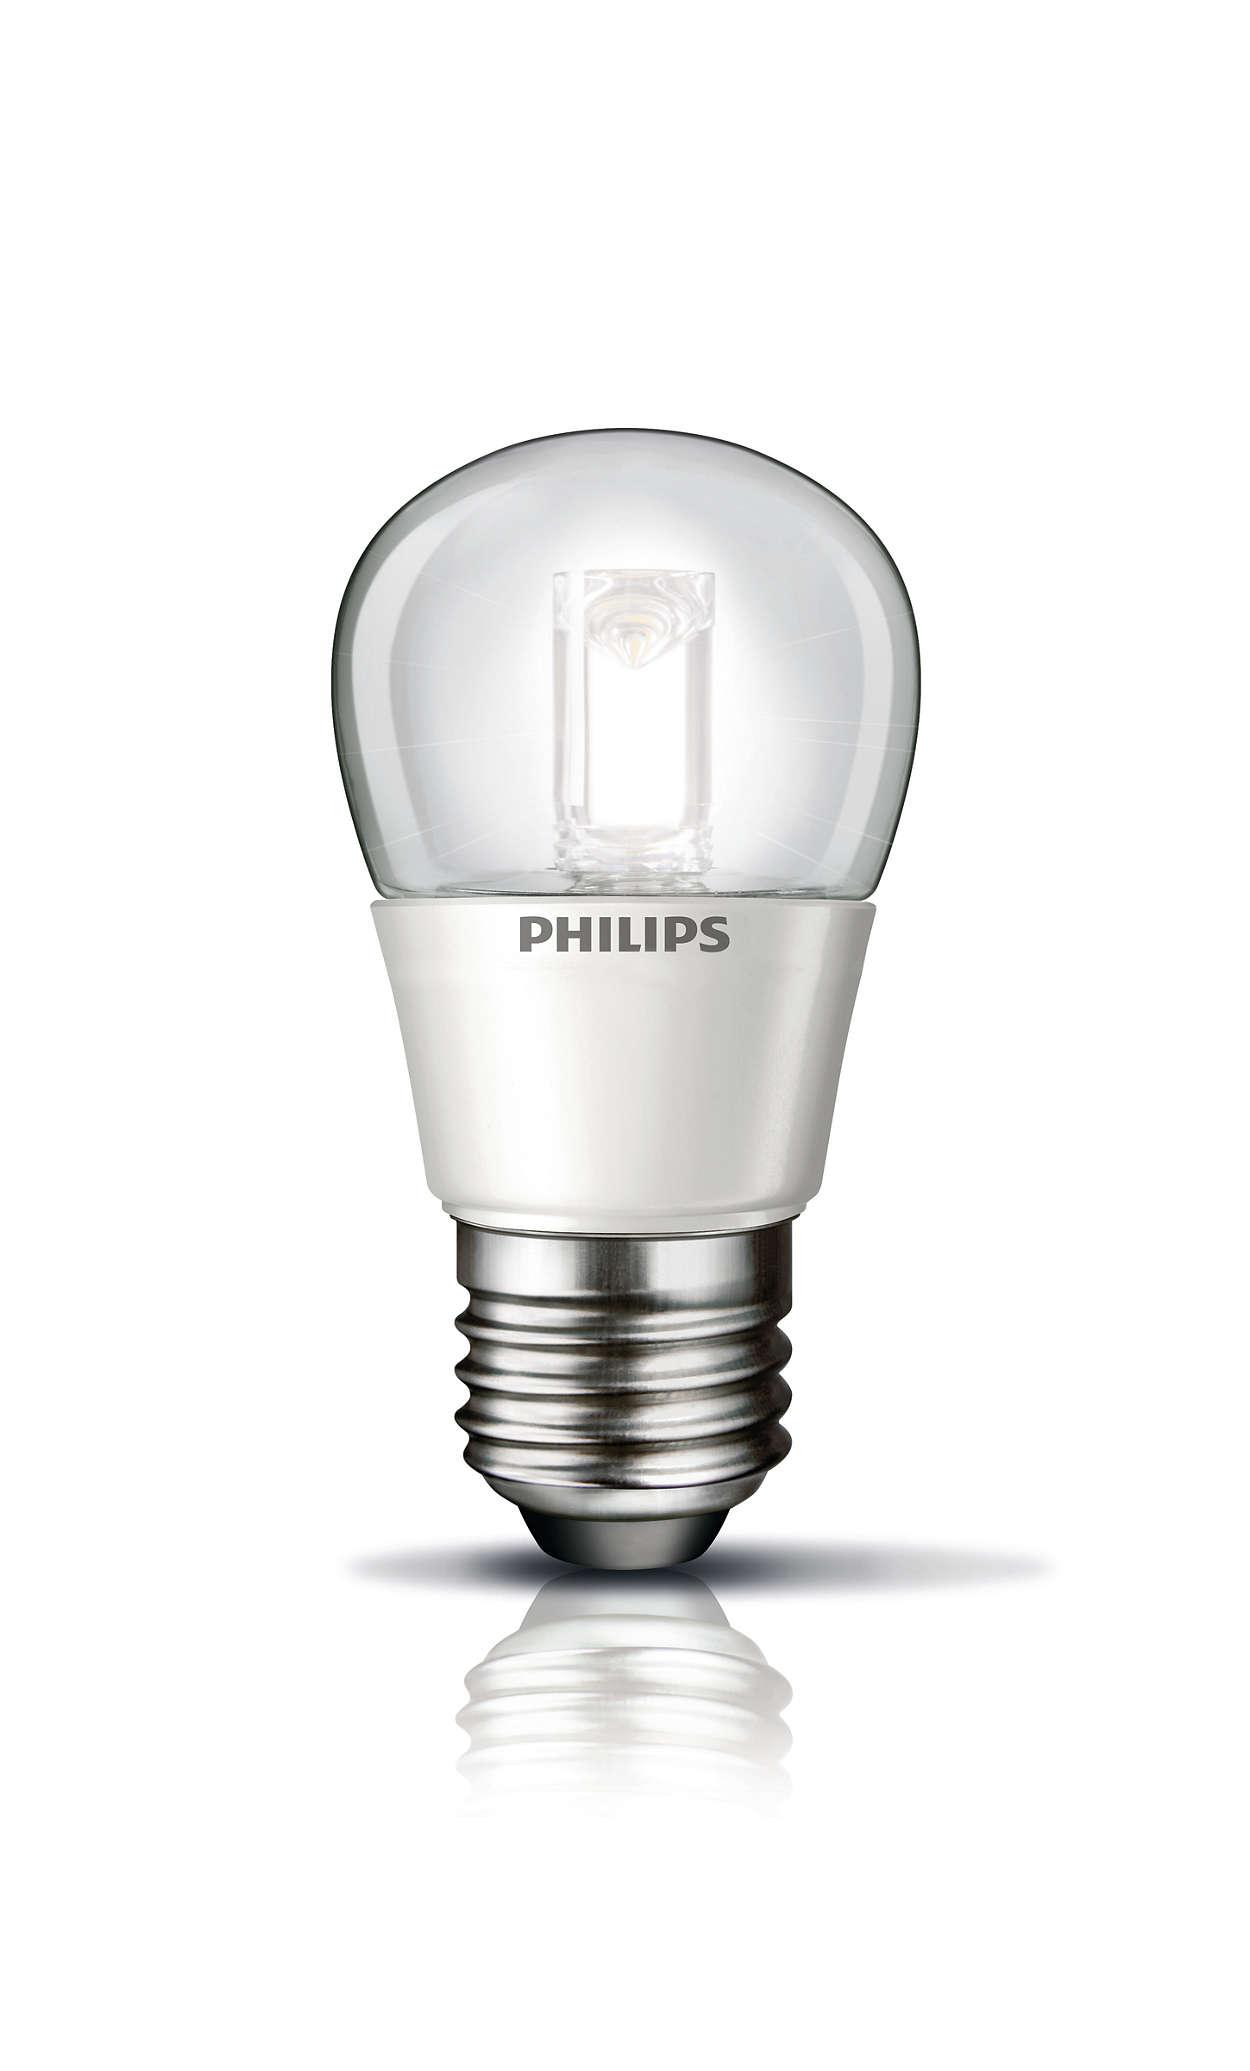 Den ultimative lyskvalitet og bedste energibesparelse